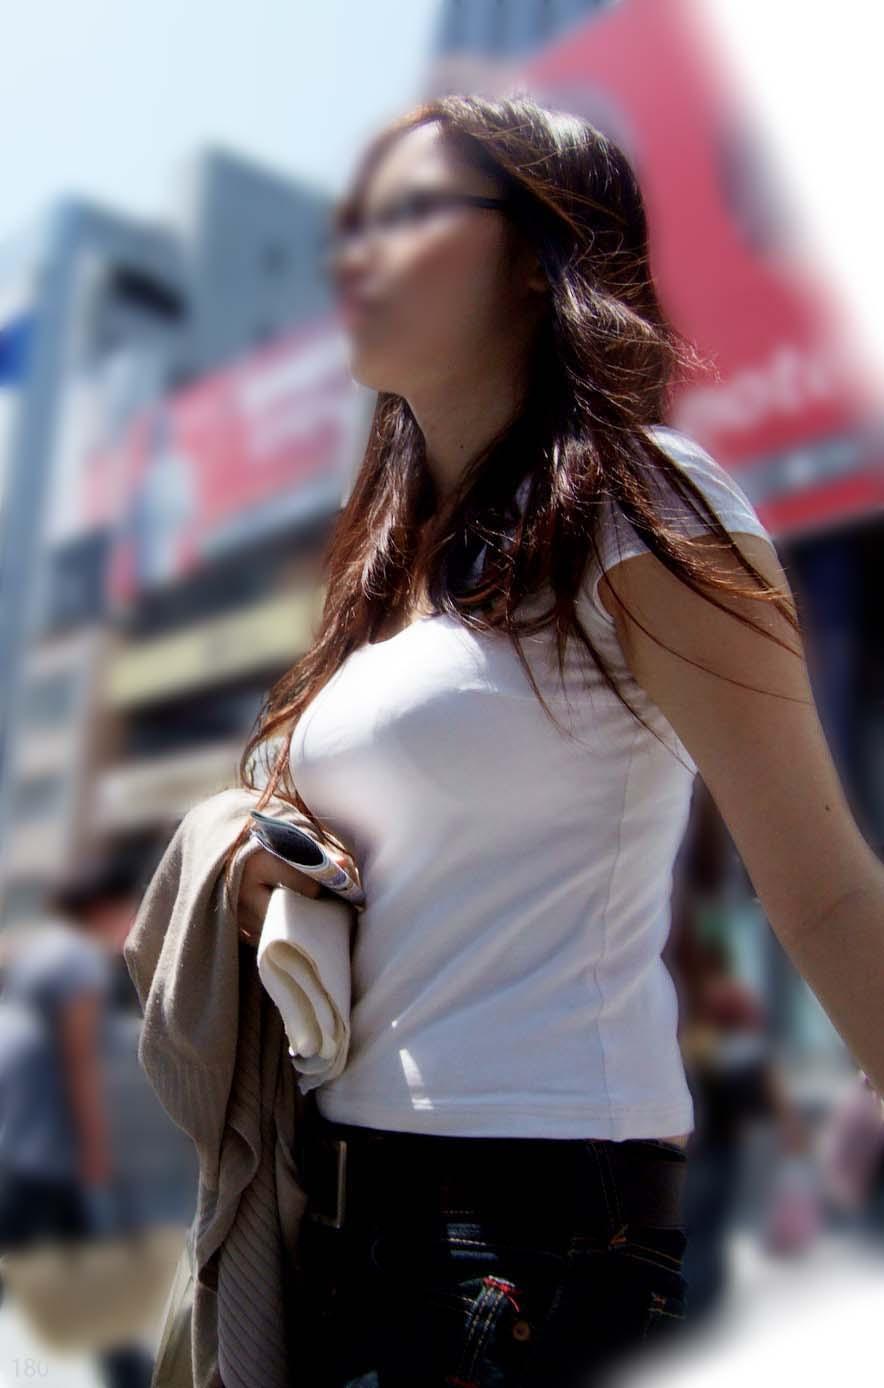 【巨乳エロ画像】見ていいから目立たせてんでしょw街の目を引く大きな着胸www 04